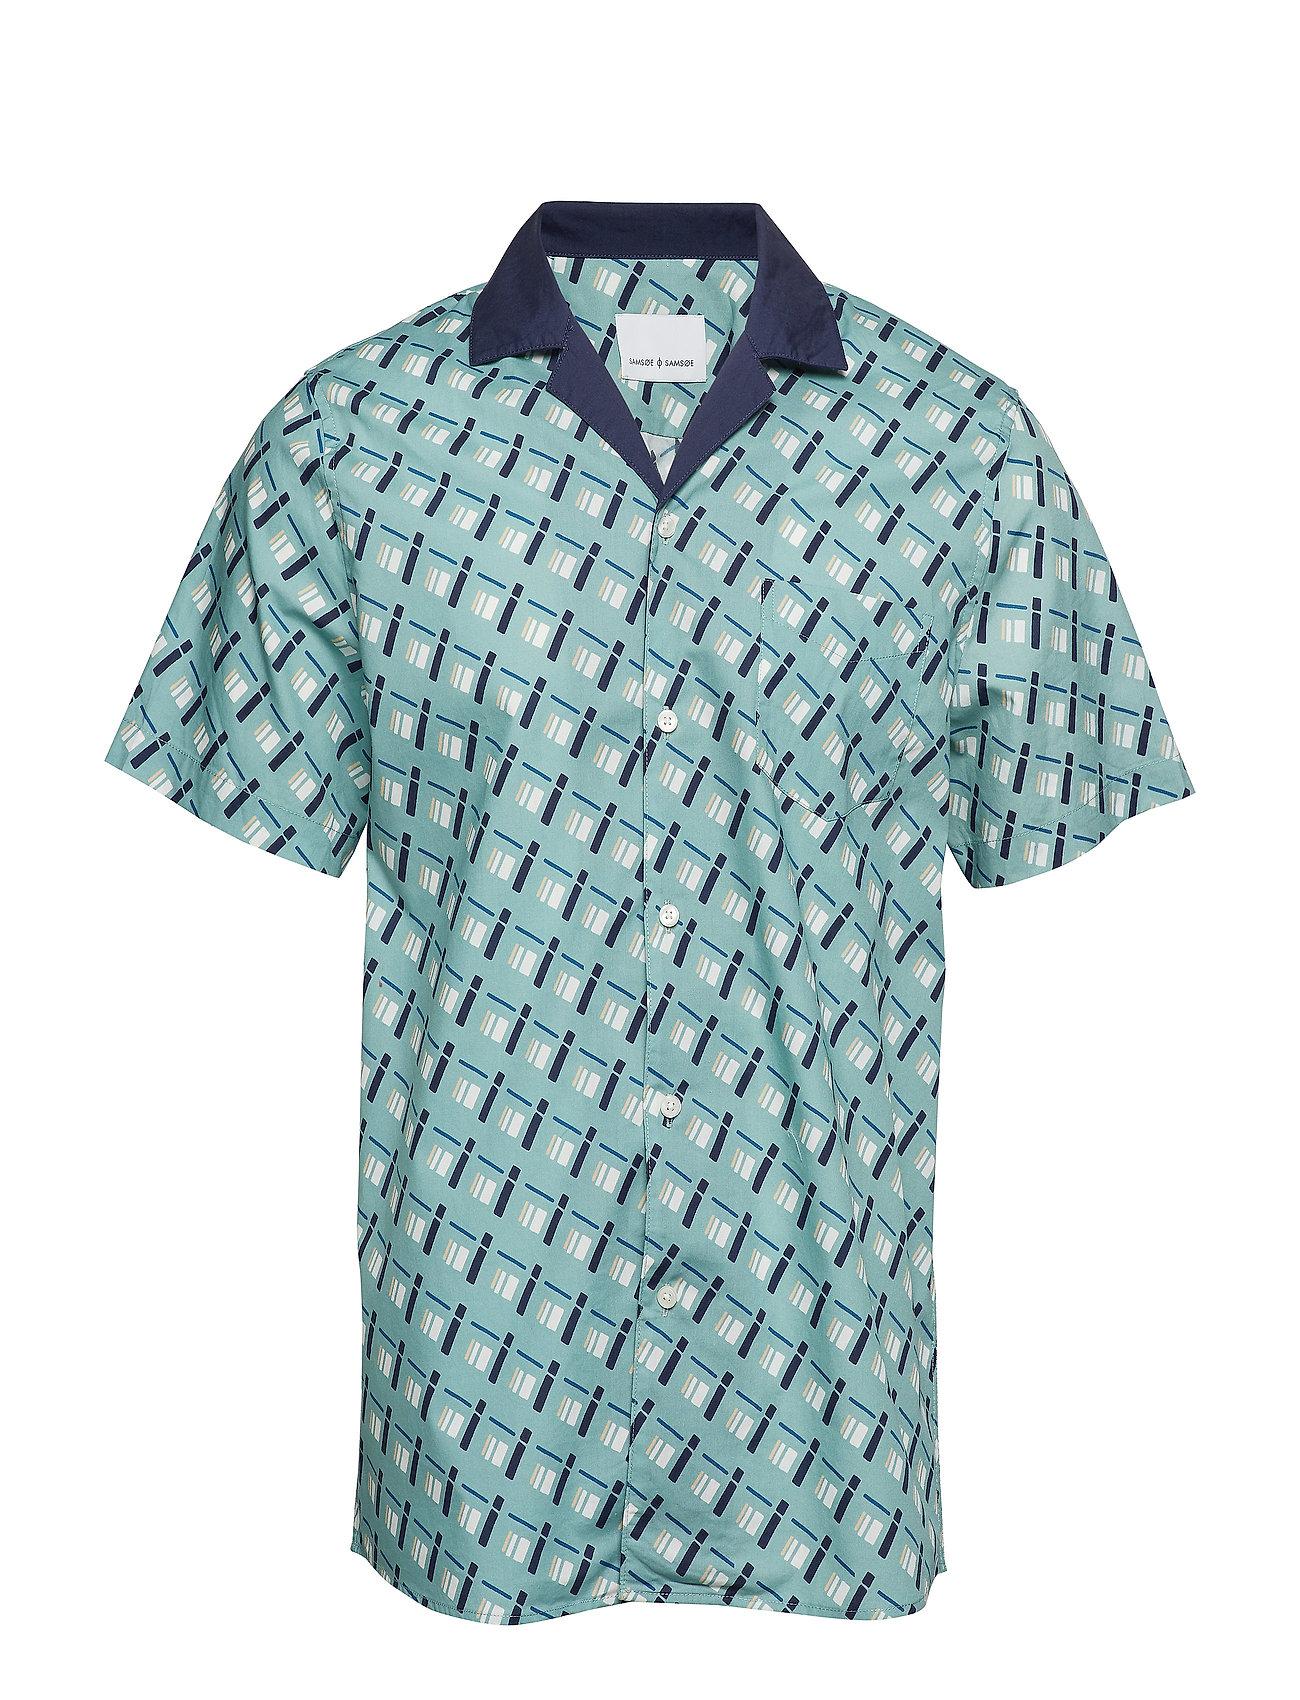 Samsøe & Samsøe Einar SA shirt aop 8015